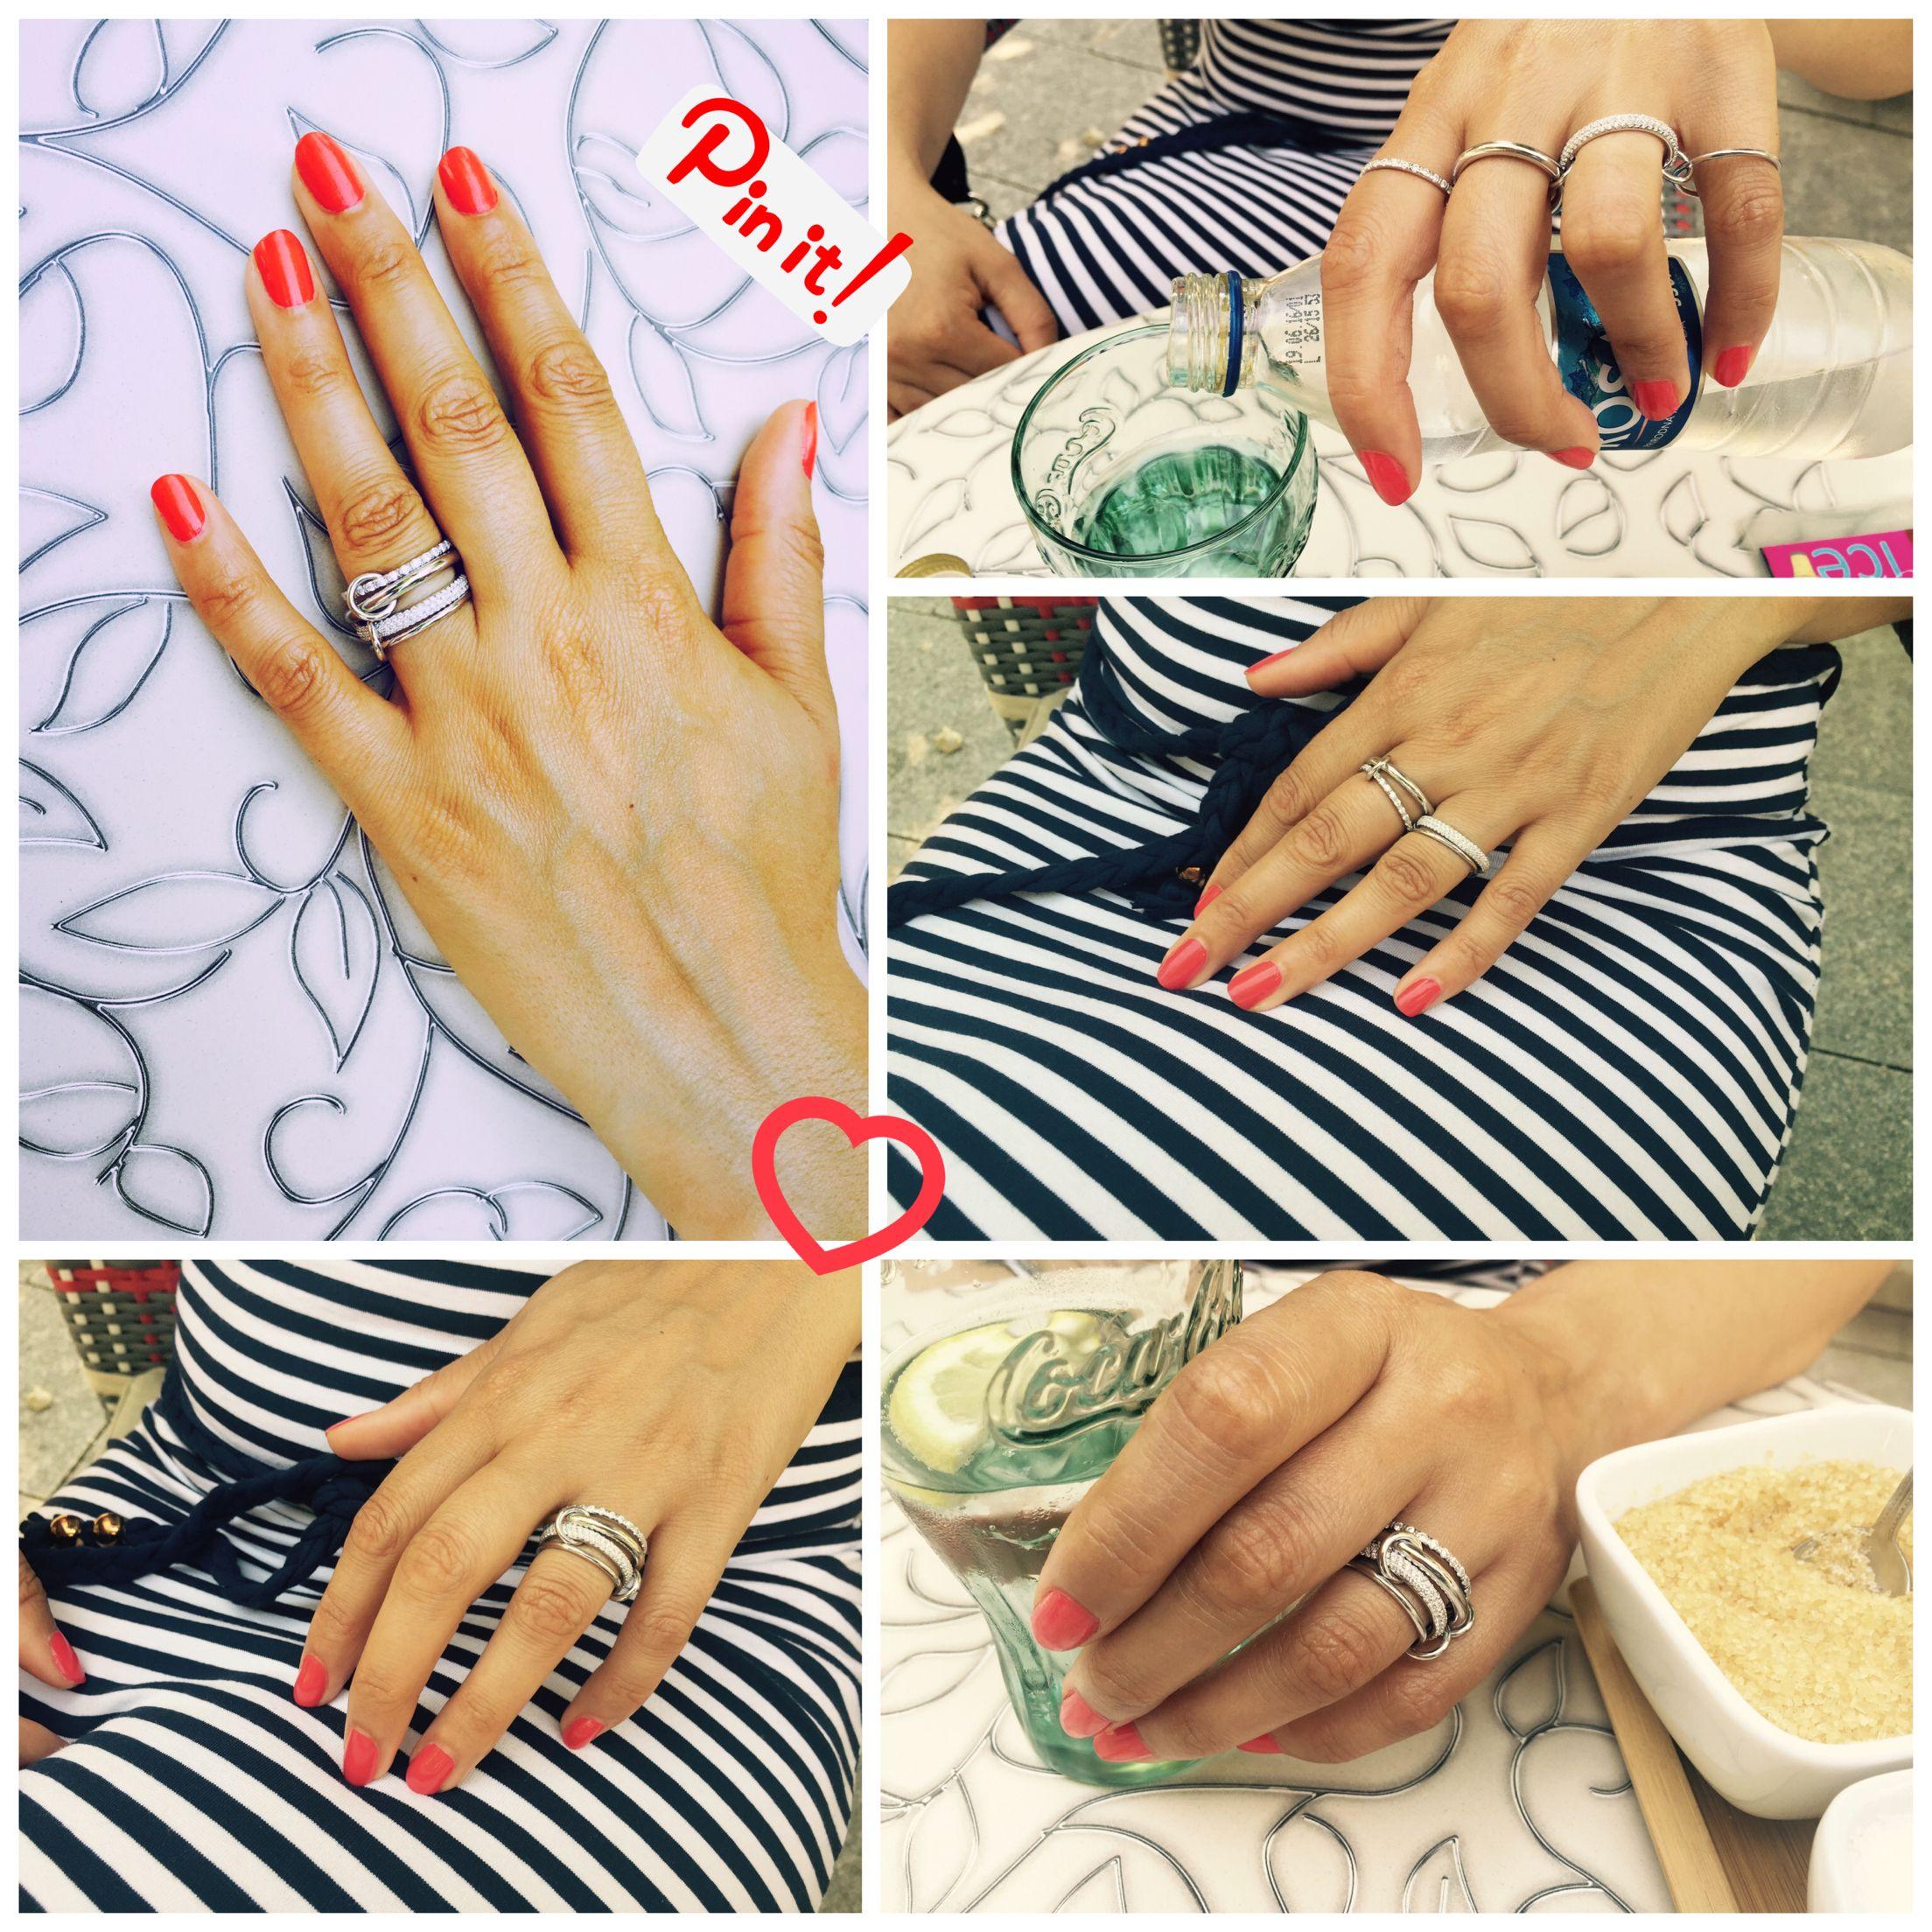 Harmonia Ring von @laarvivien ist aus vier verbundenen Ringe ❤️#silber #harmony #ring Harmonia Ring von LAAR Vivien ist aus vier verbundenen Ringe aus Silber, Rhodium überzogen und mit Zirkonia-Pavé Steine. Dieser Ring hat speziell Grösse. Wird nach Ringfinger bemessen. Das heiss 2 Ringe haben Grösse von Ringfinger und die anderen 2 Ringe sind um 2 Grösse grösser. Der Ring hat Vielzahl von Möglichkeiten getragen zu werden. Über mehrere Finger oder alle gestapelt in einem.